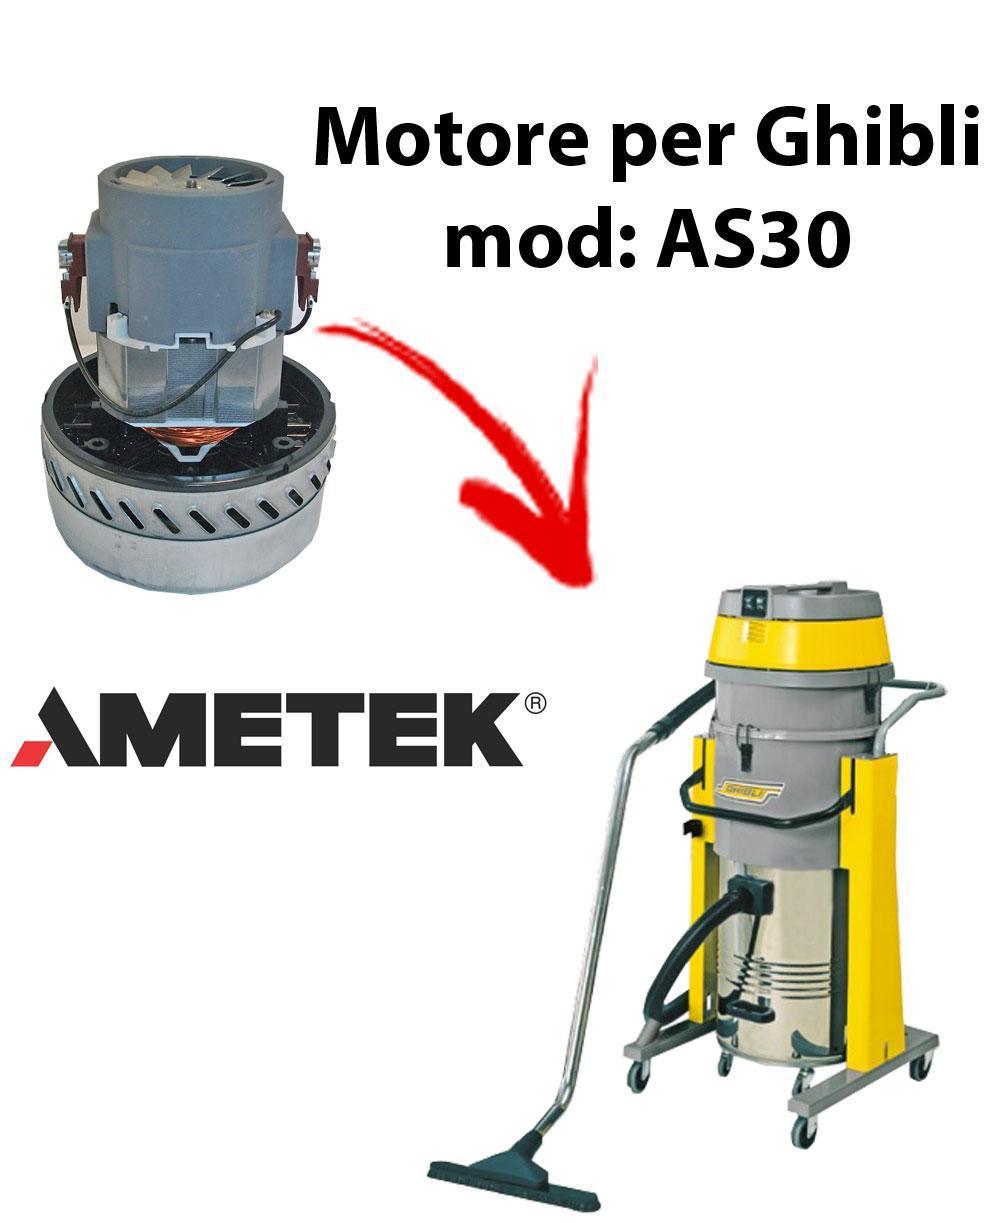 AS30  Vacuum motor Amatek for wet and dry vacuum cleaner GHIBLI